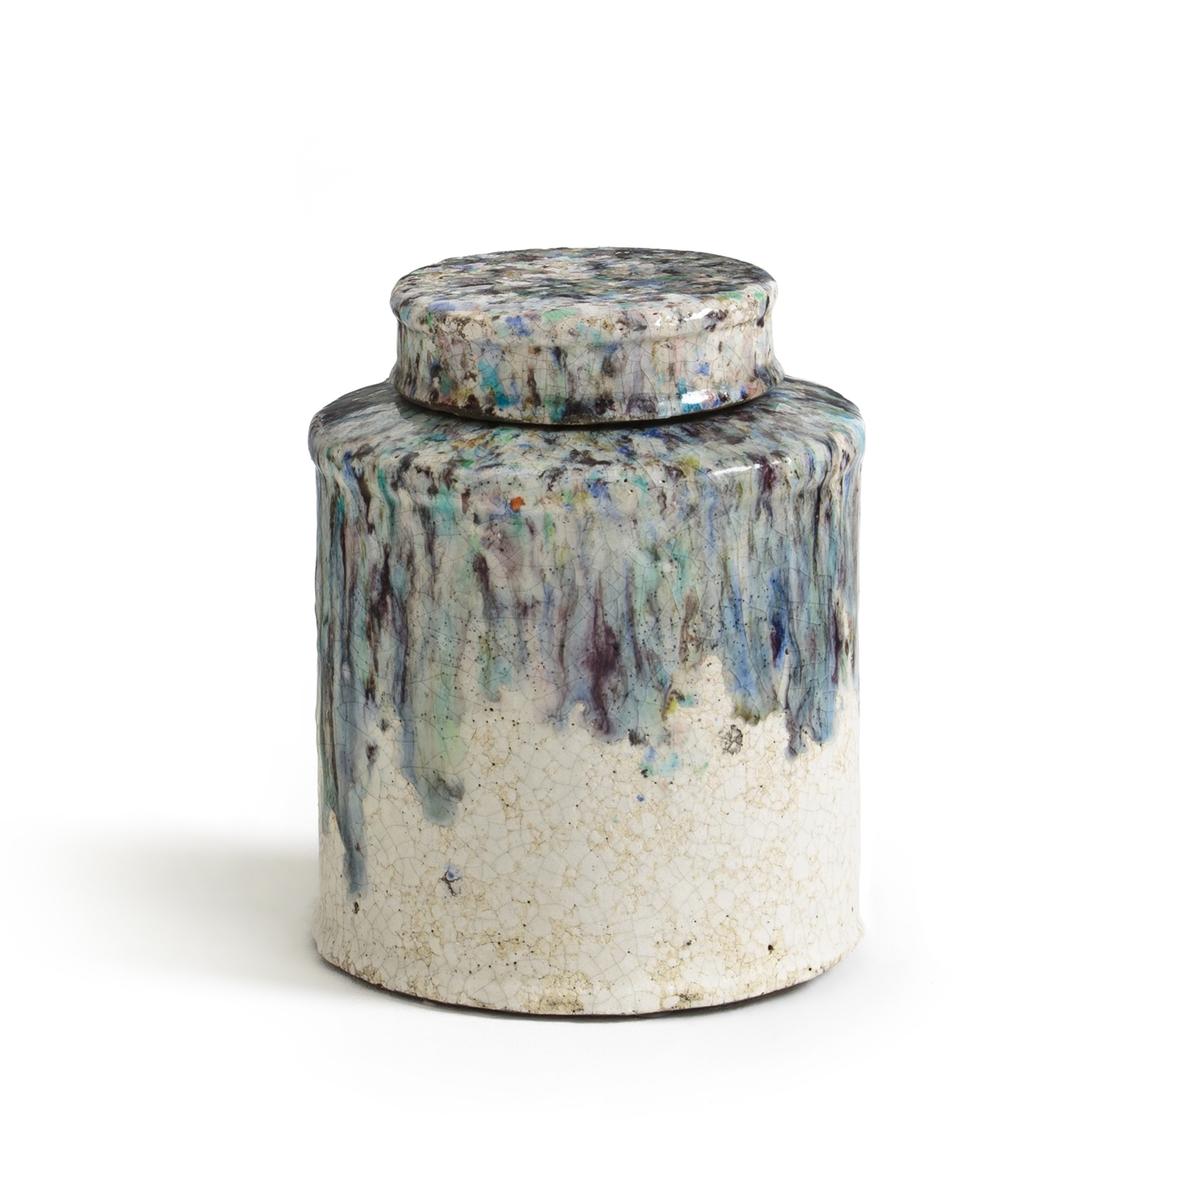 Кувшин La Redoute Маленький Eleanor единый размер синий кувшин la redoute из керамики sanna единый размер каштановый